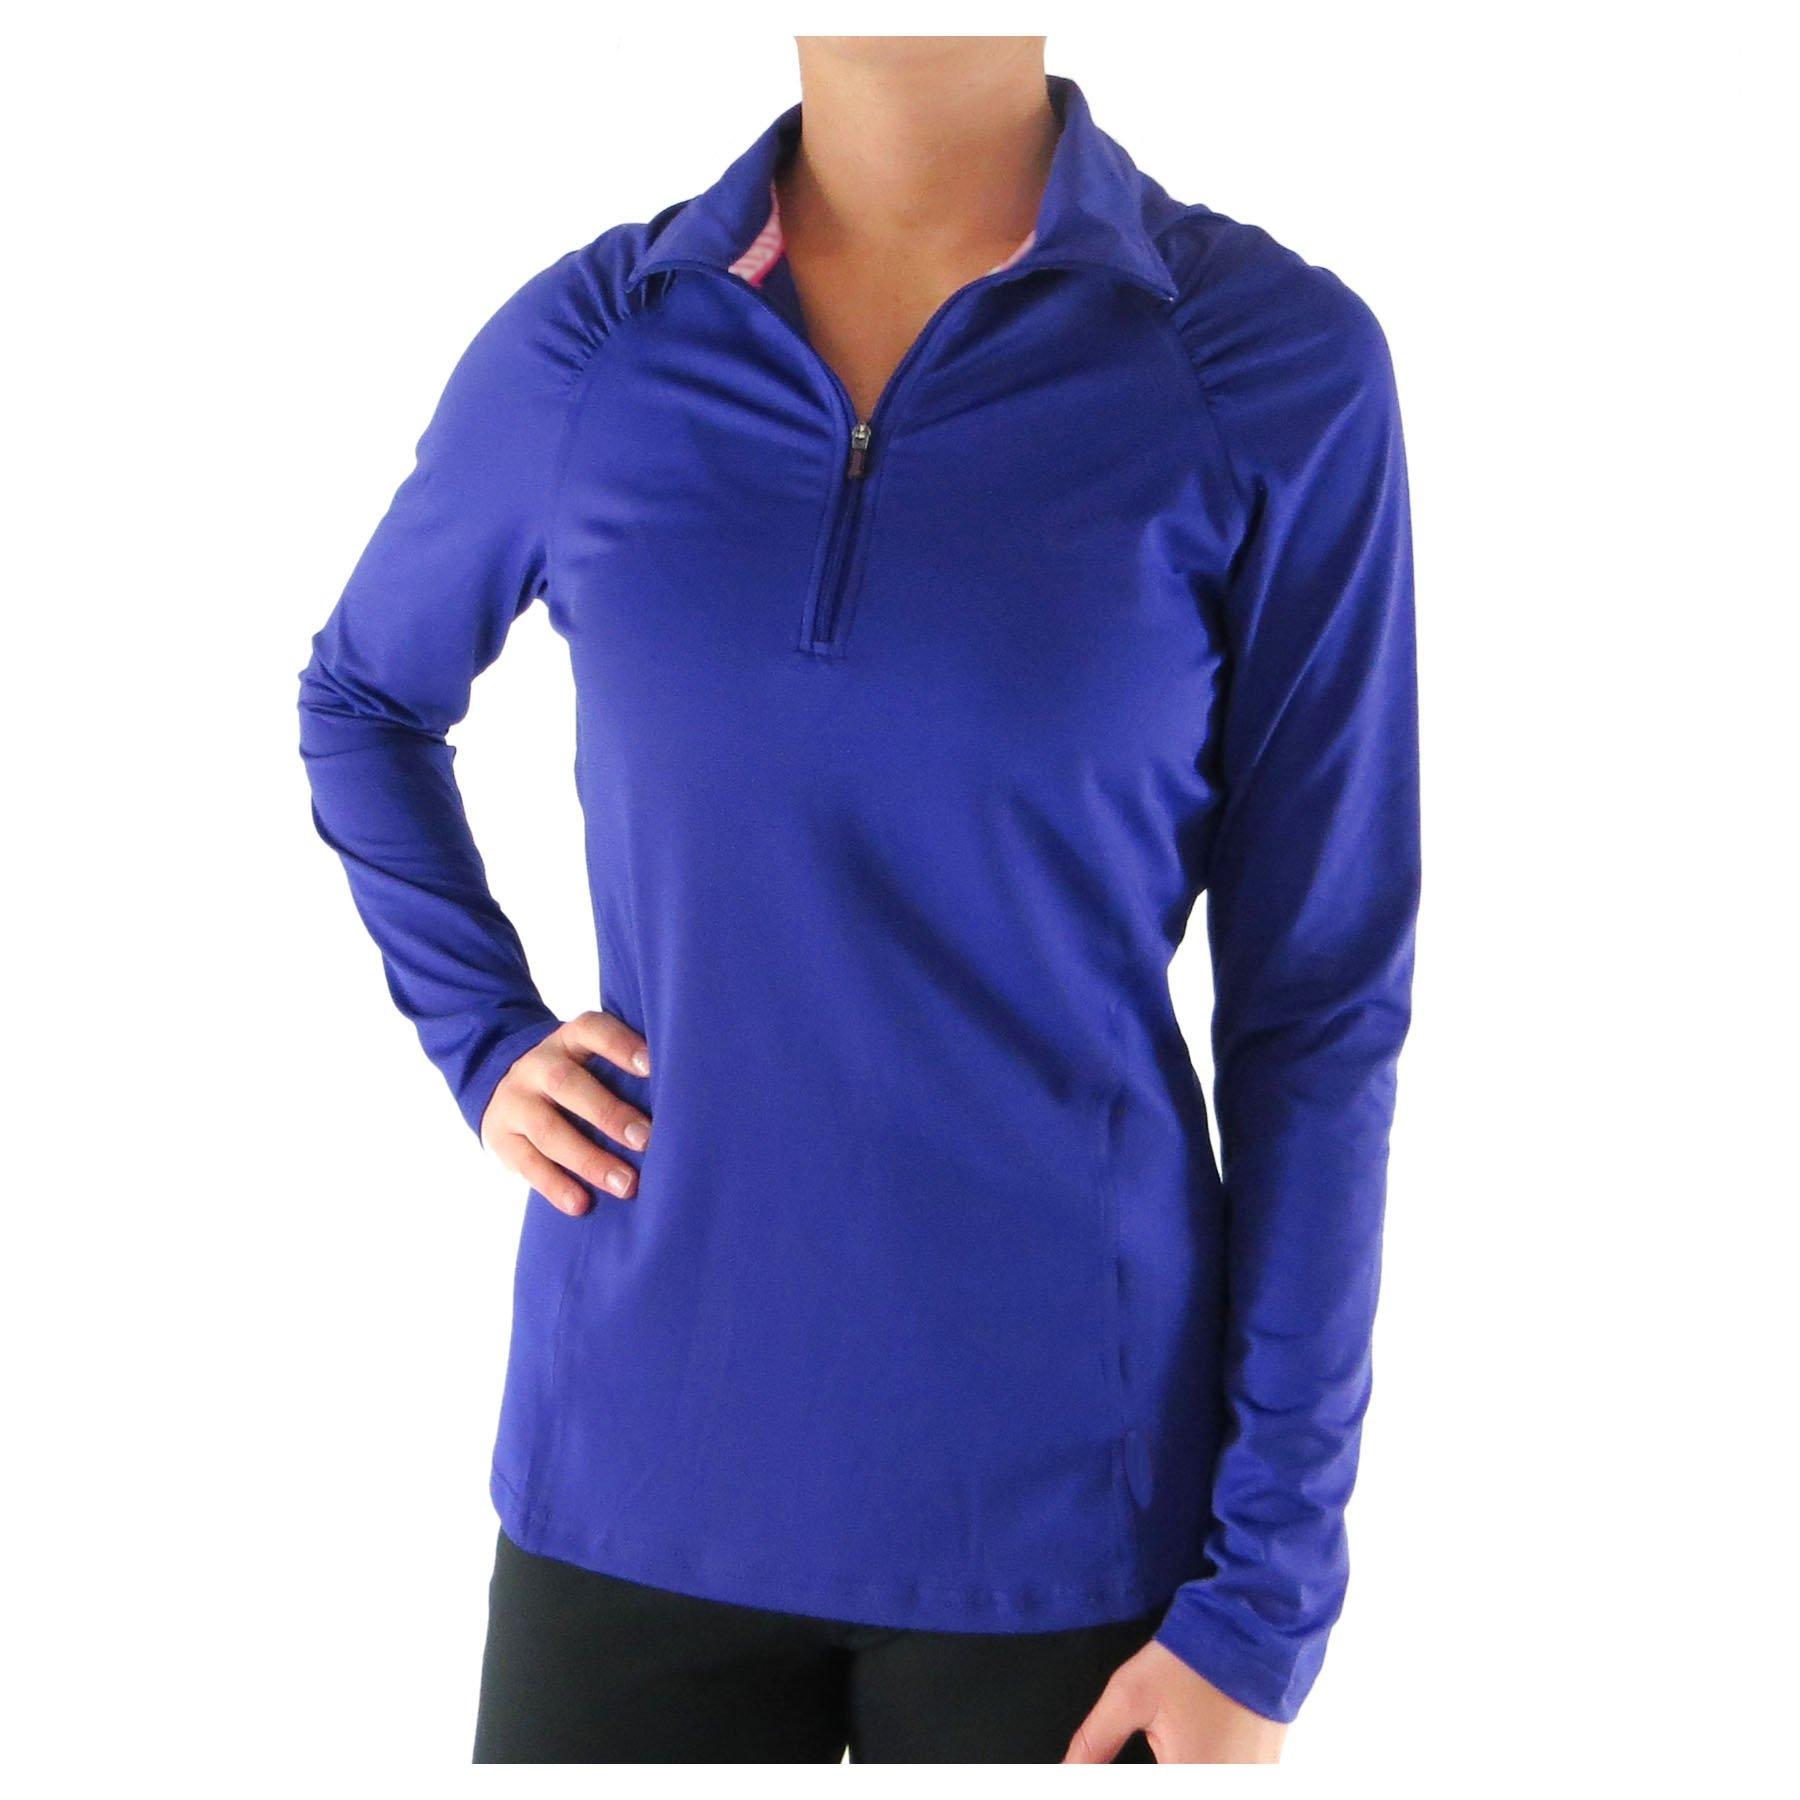 Alex + Abby Women's Essential Pullover Small Purple Rain